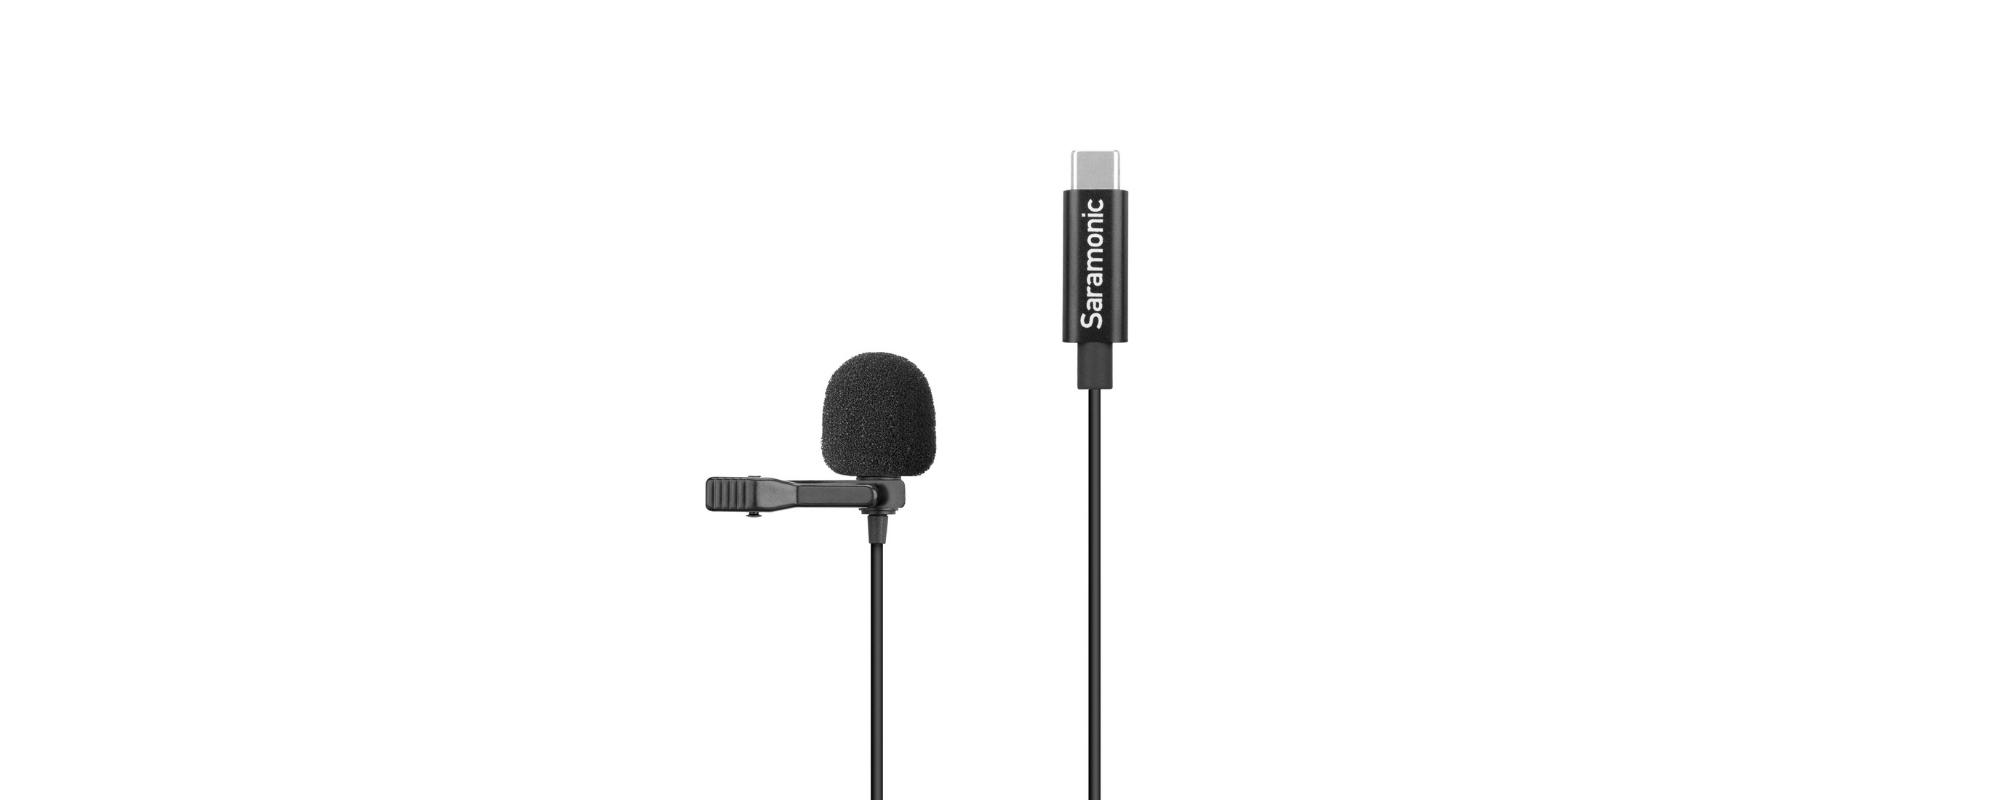 Mikrofon krawatowy LavMicro U3A ze złączem USB-C